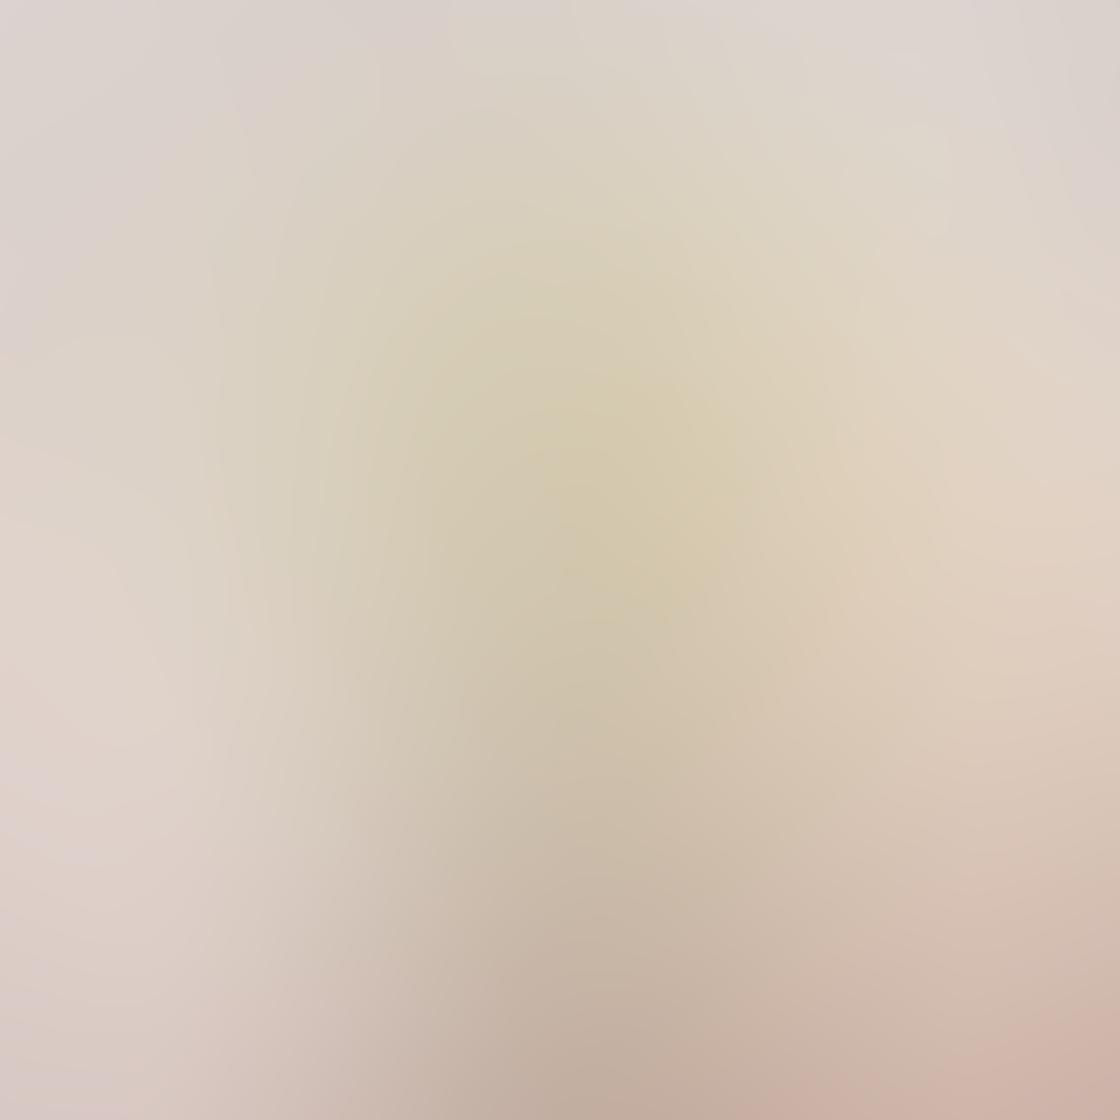 iPhone Photos Texture 71